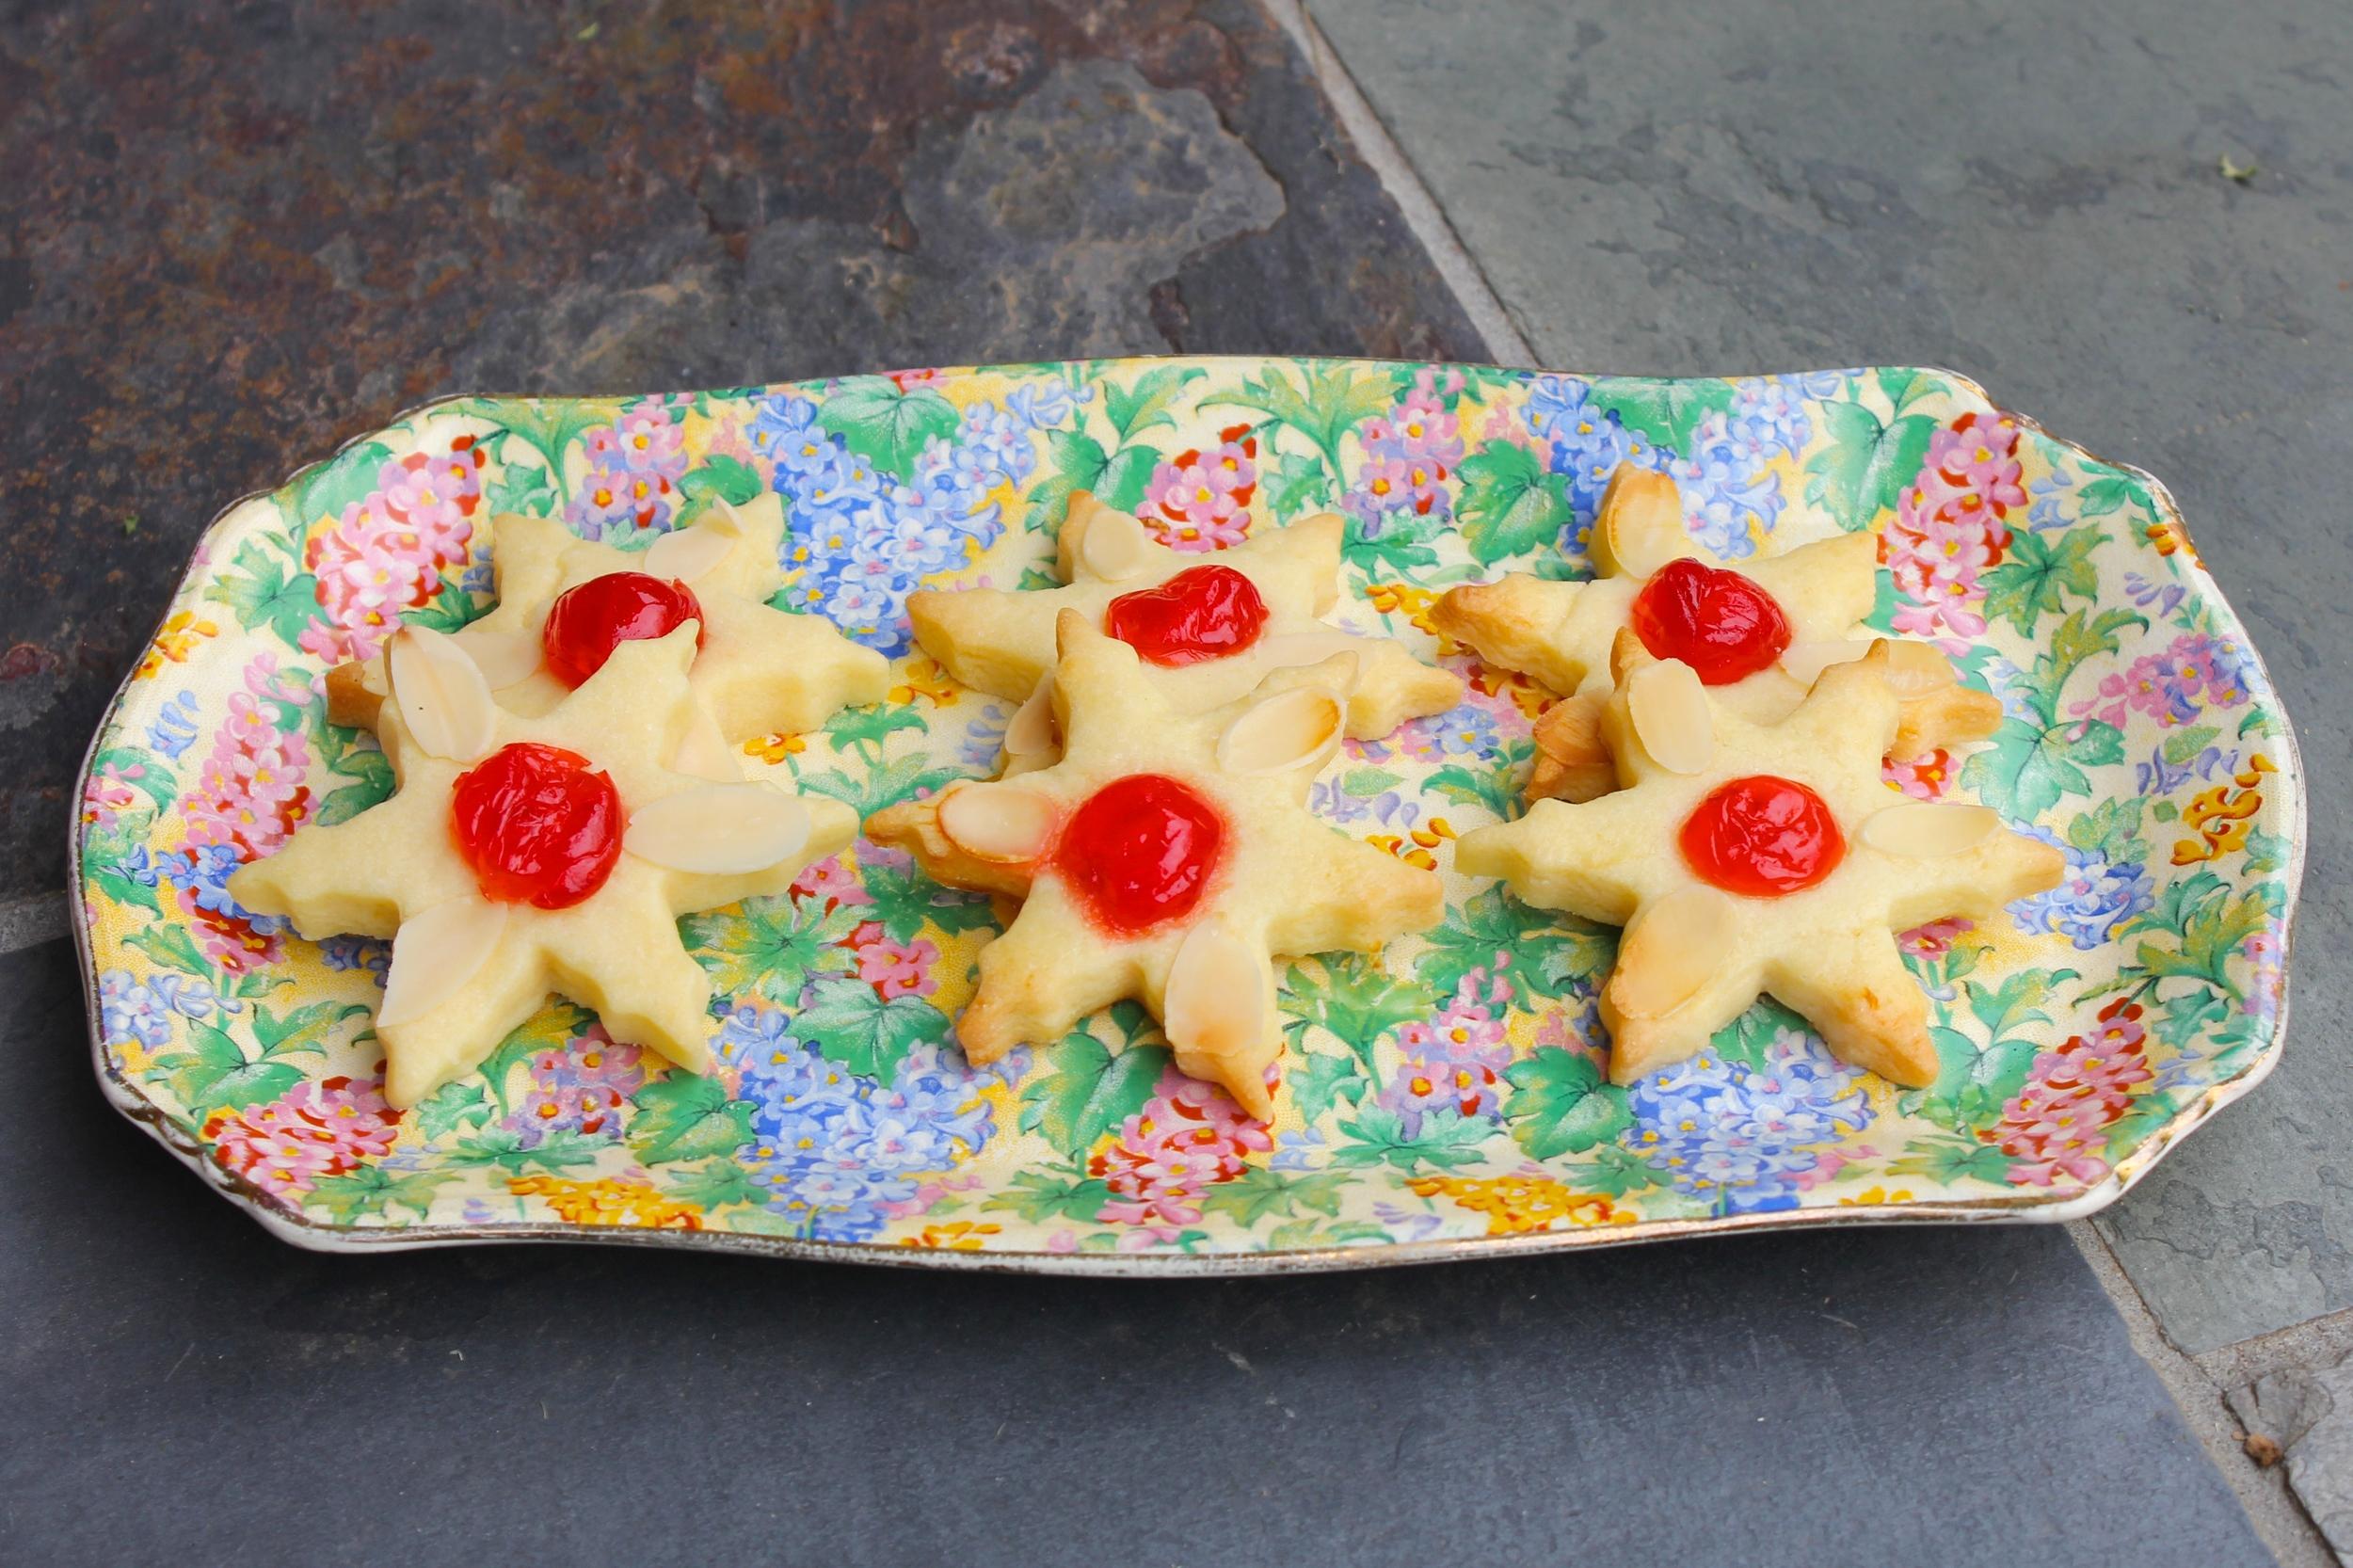 Kerstkransjes - Dutch Christmas Wreath Cookies